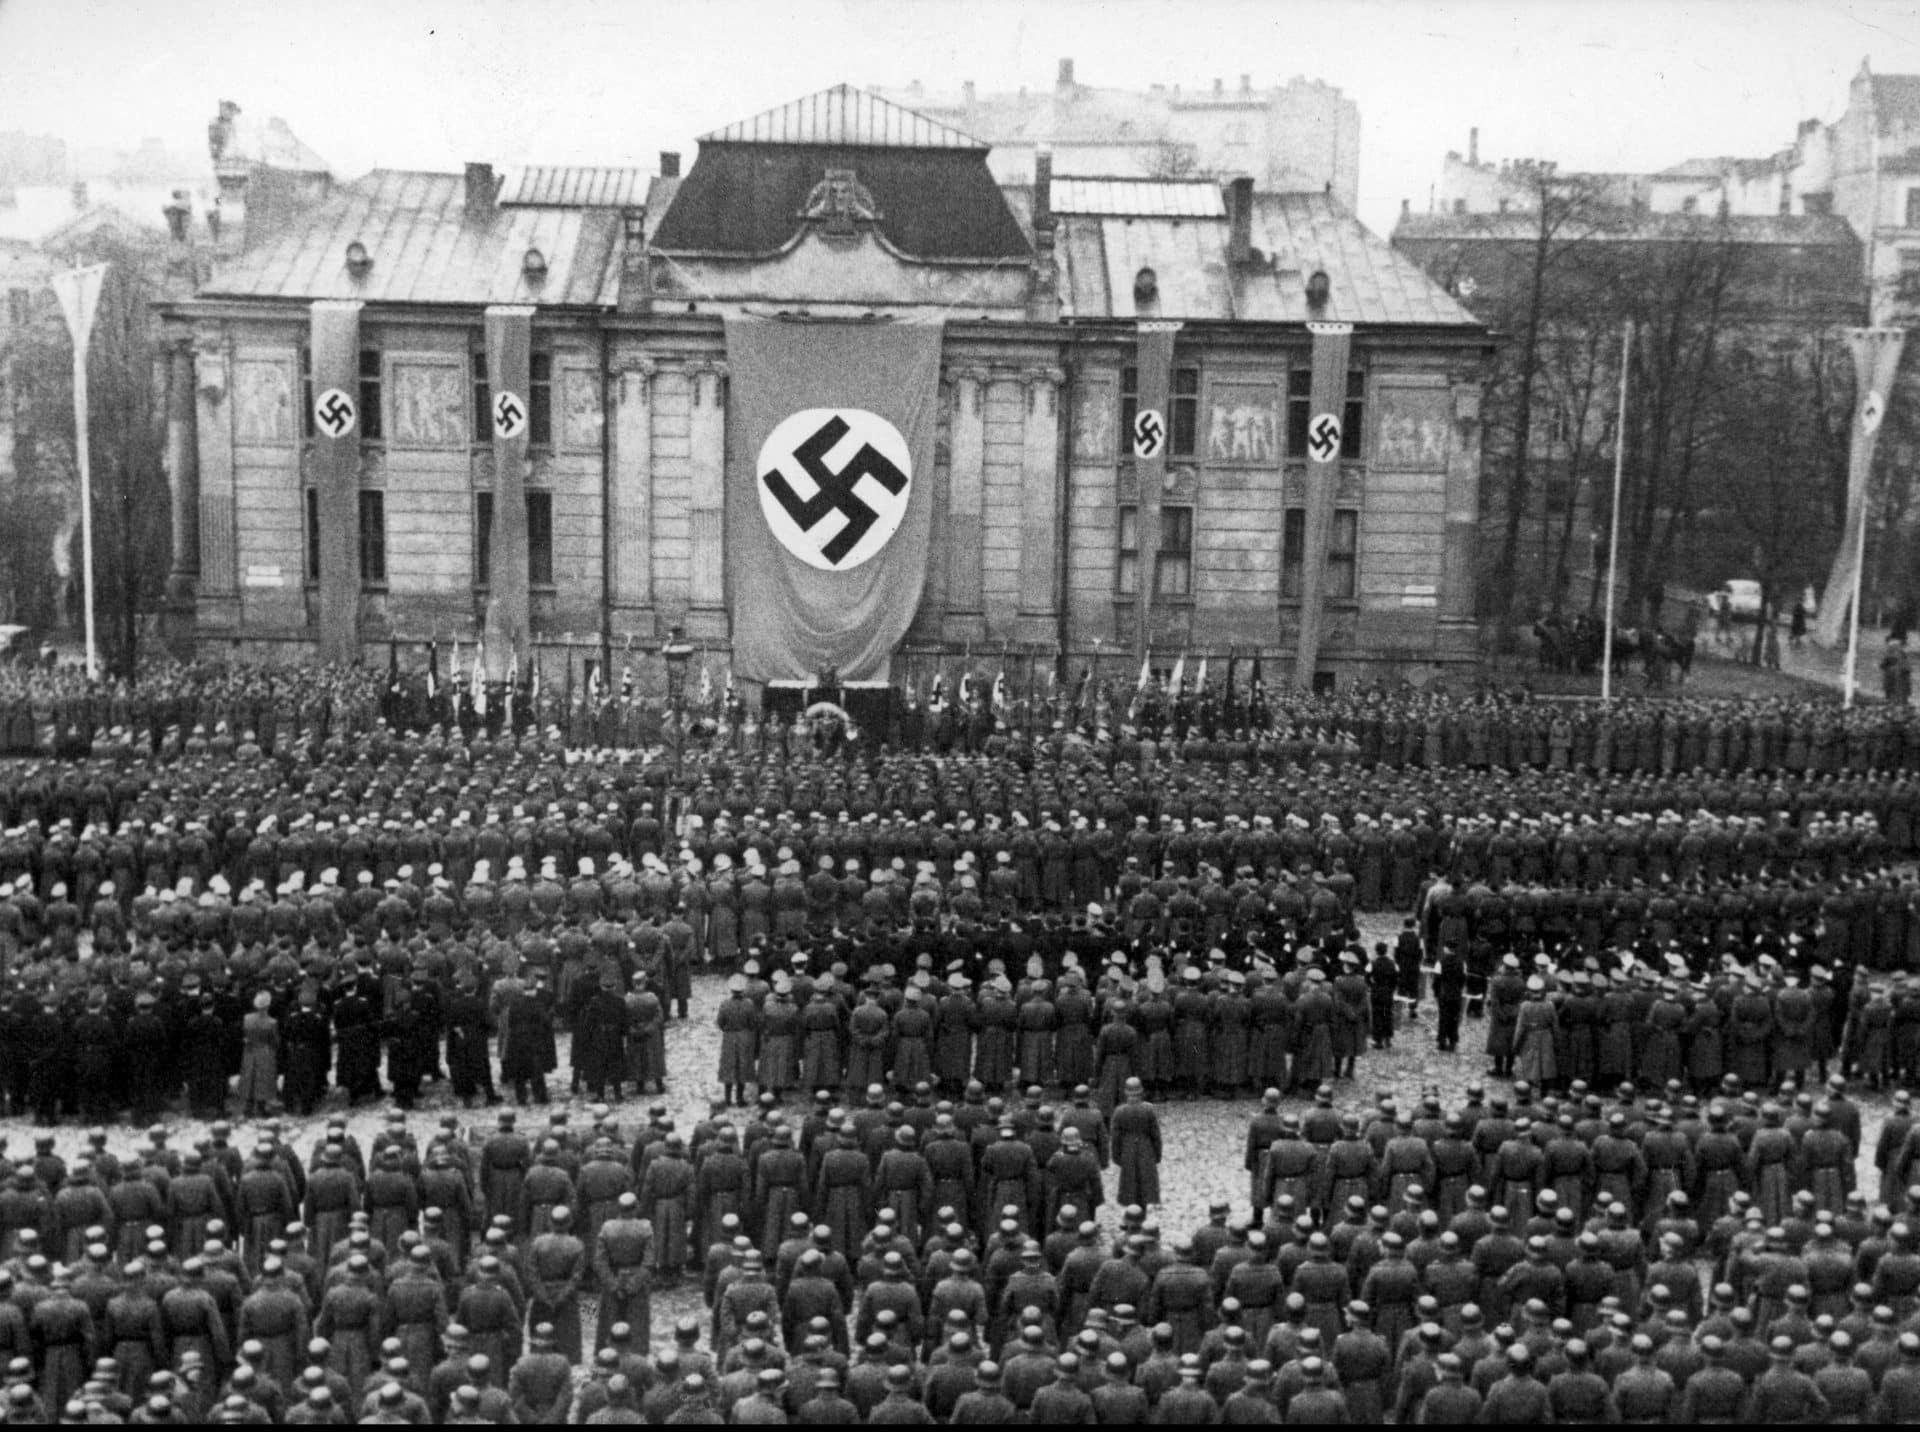 """Niemieckie uroczystości z okazji """"Dnia poległych bohaterów"""". 1944 rok. Źródło: Narodowe Archiwum Cyfrowe."""